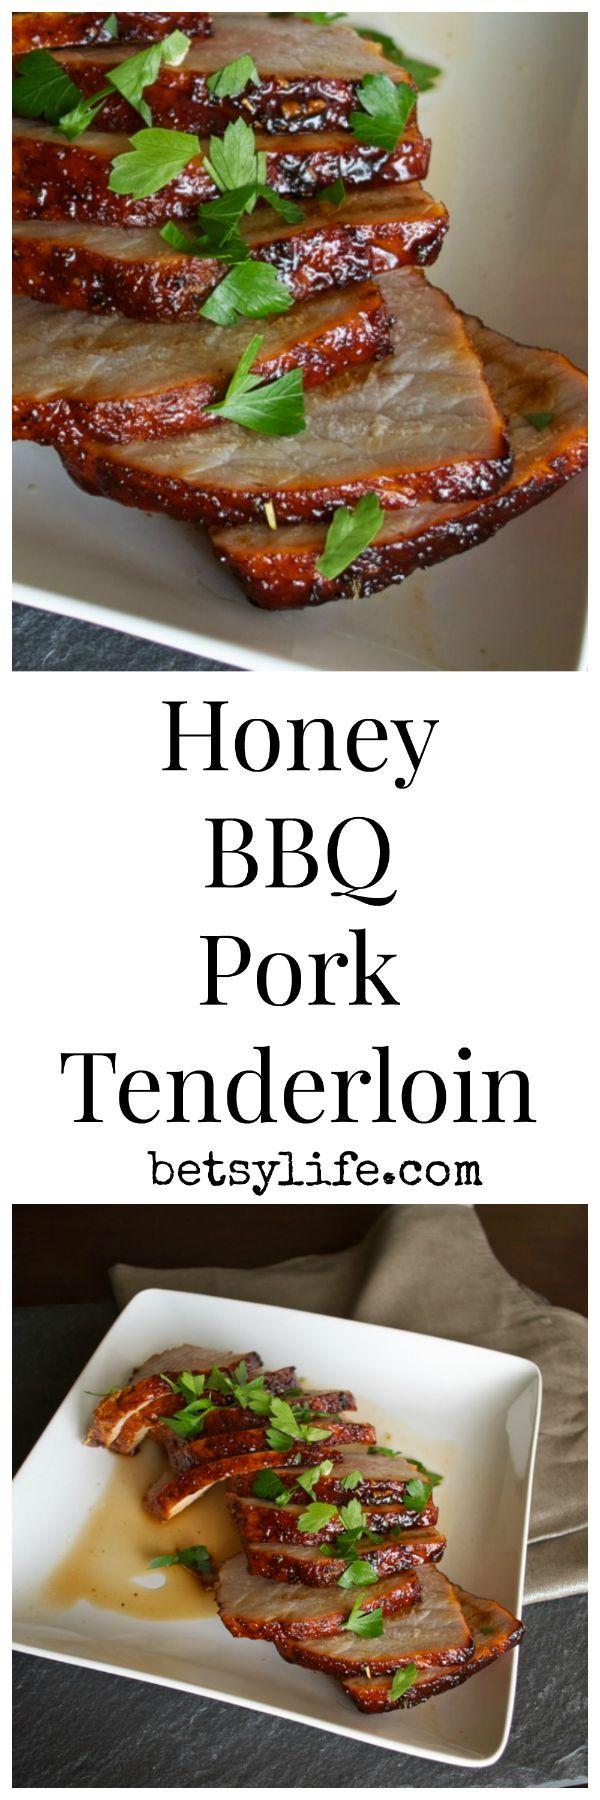 Honey BBQ Pork Tenderloin